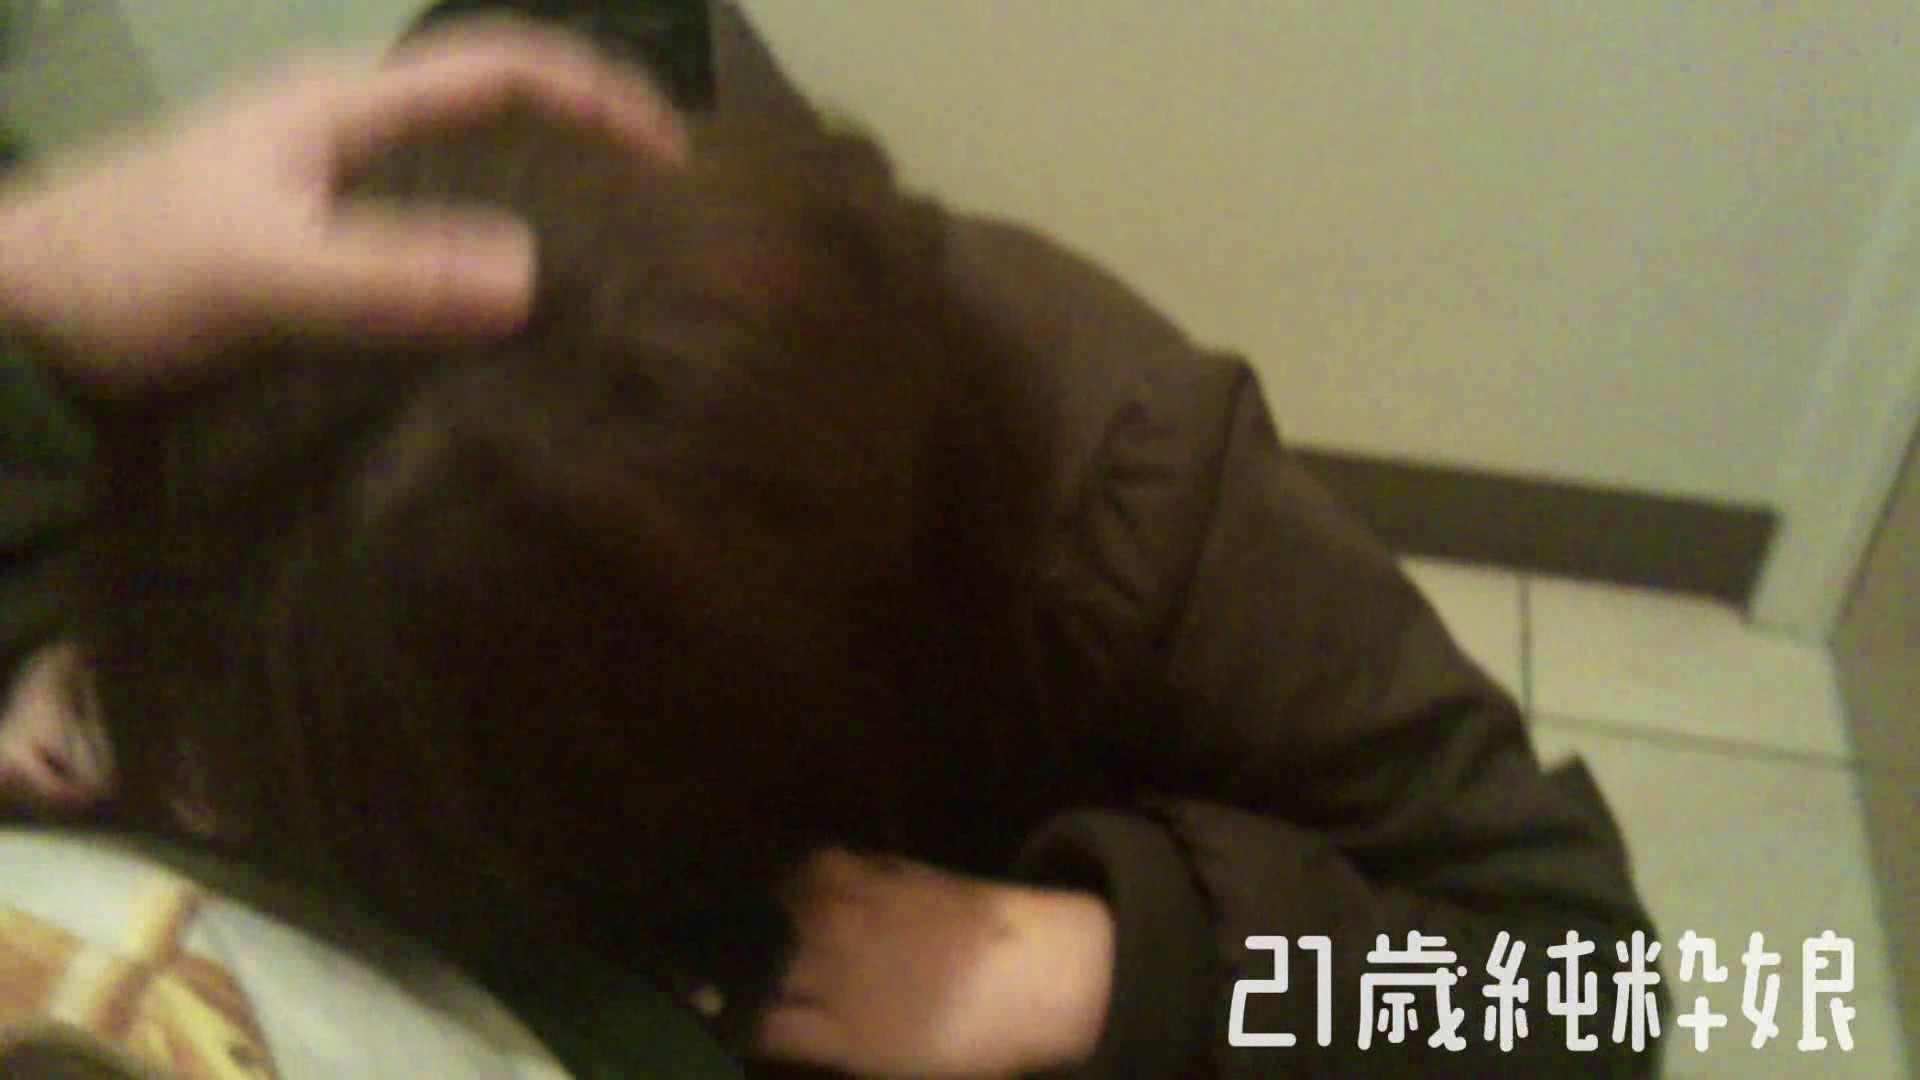 Gカップ21歳純粋嬢第2弾Vol.5 一般投稿  77pic 45